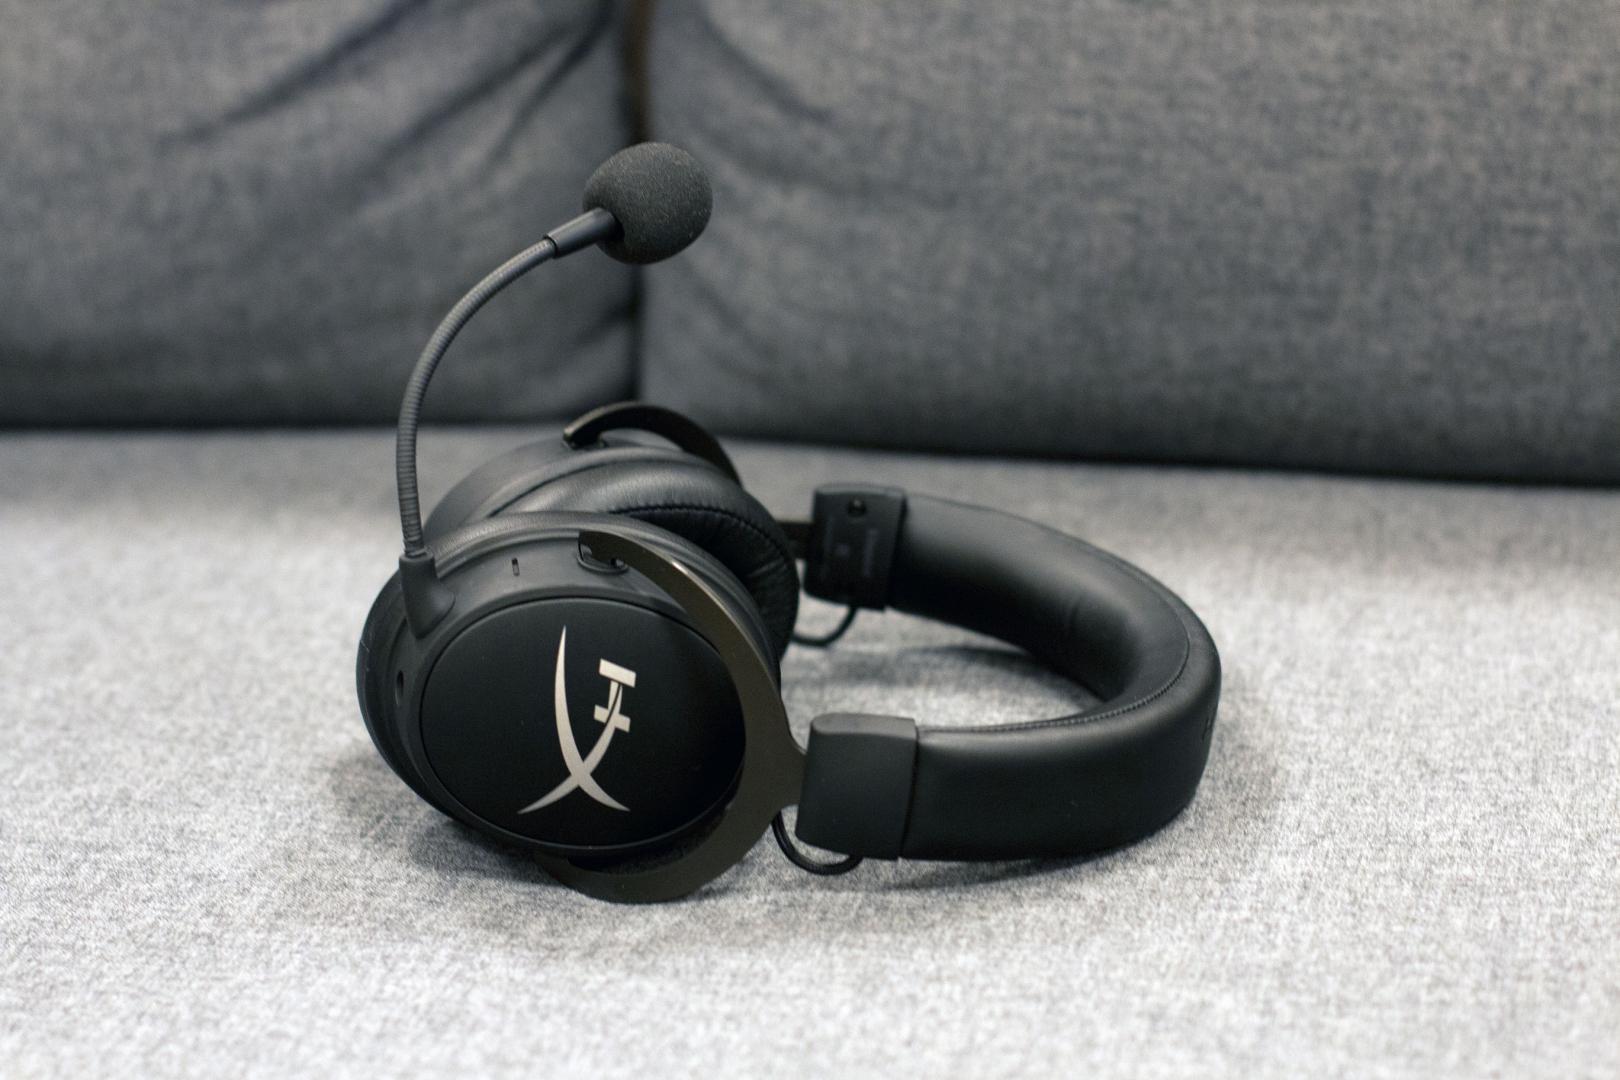 Att hörlurarna varken har ljussättning eller en massa synliga knappar är  perfekt för den som önskar använda headsetet till mobilen när man är på  språng 5936a370bc913